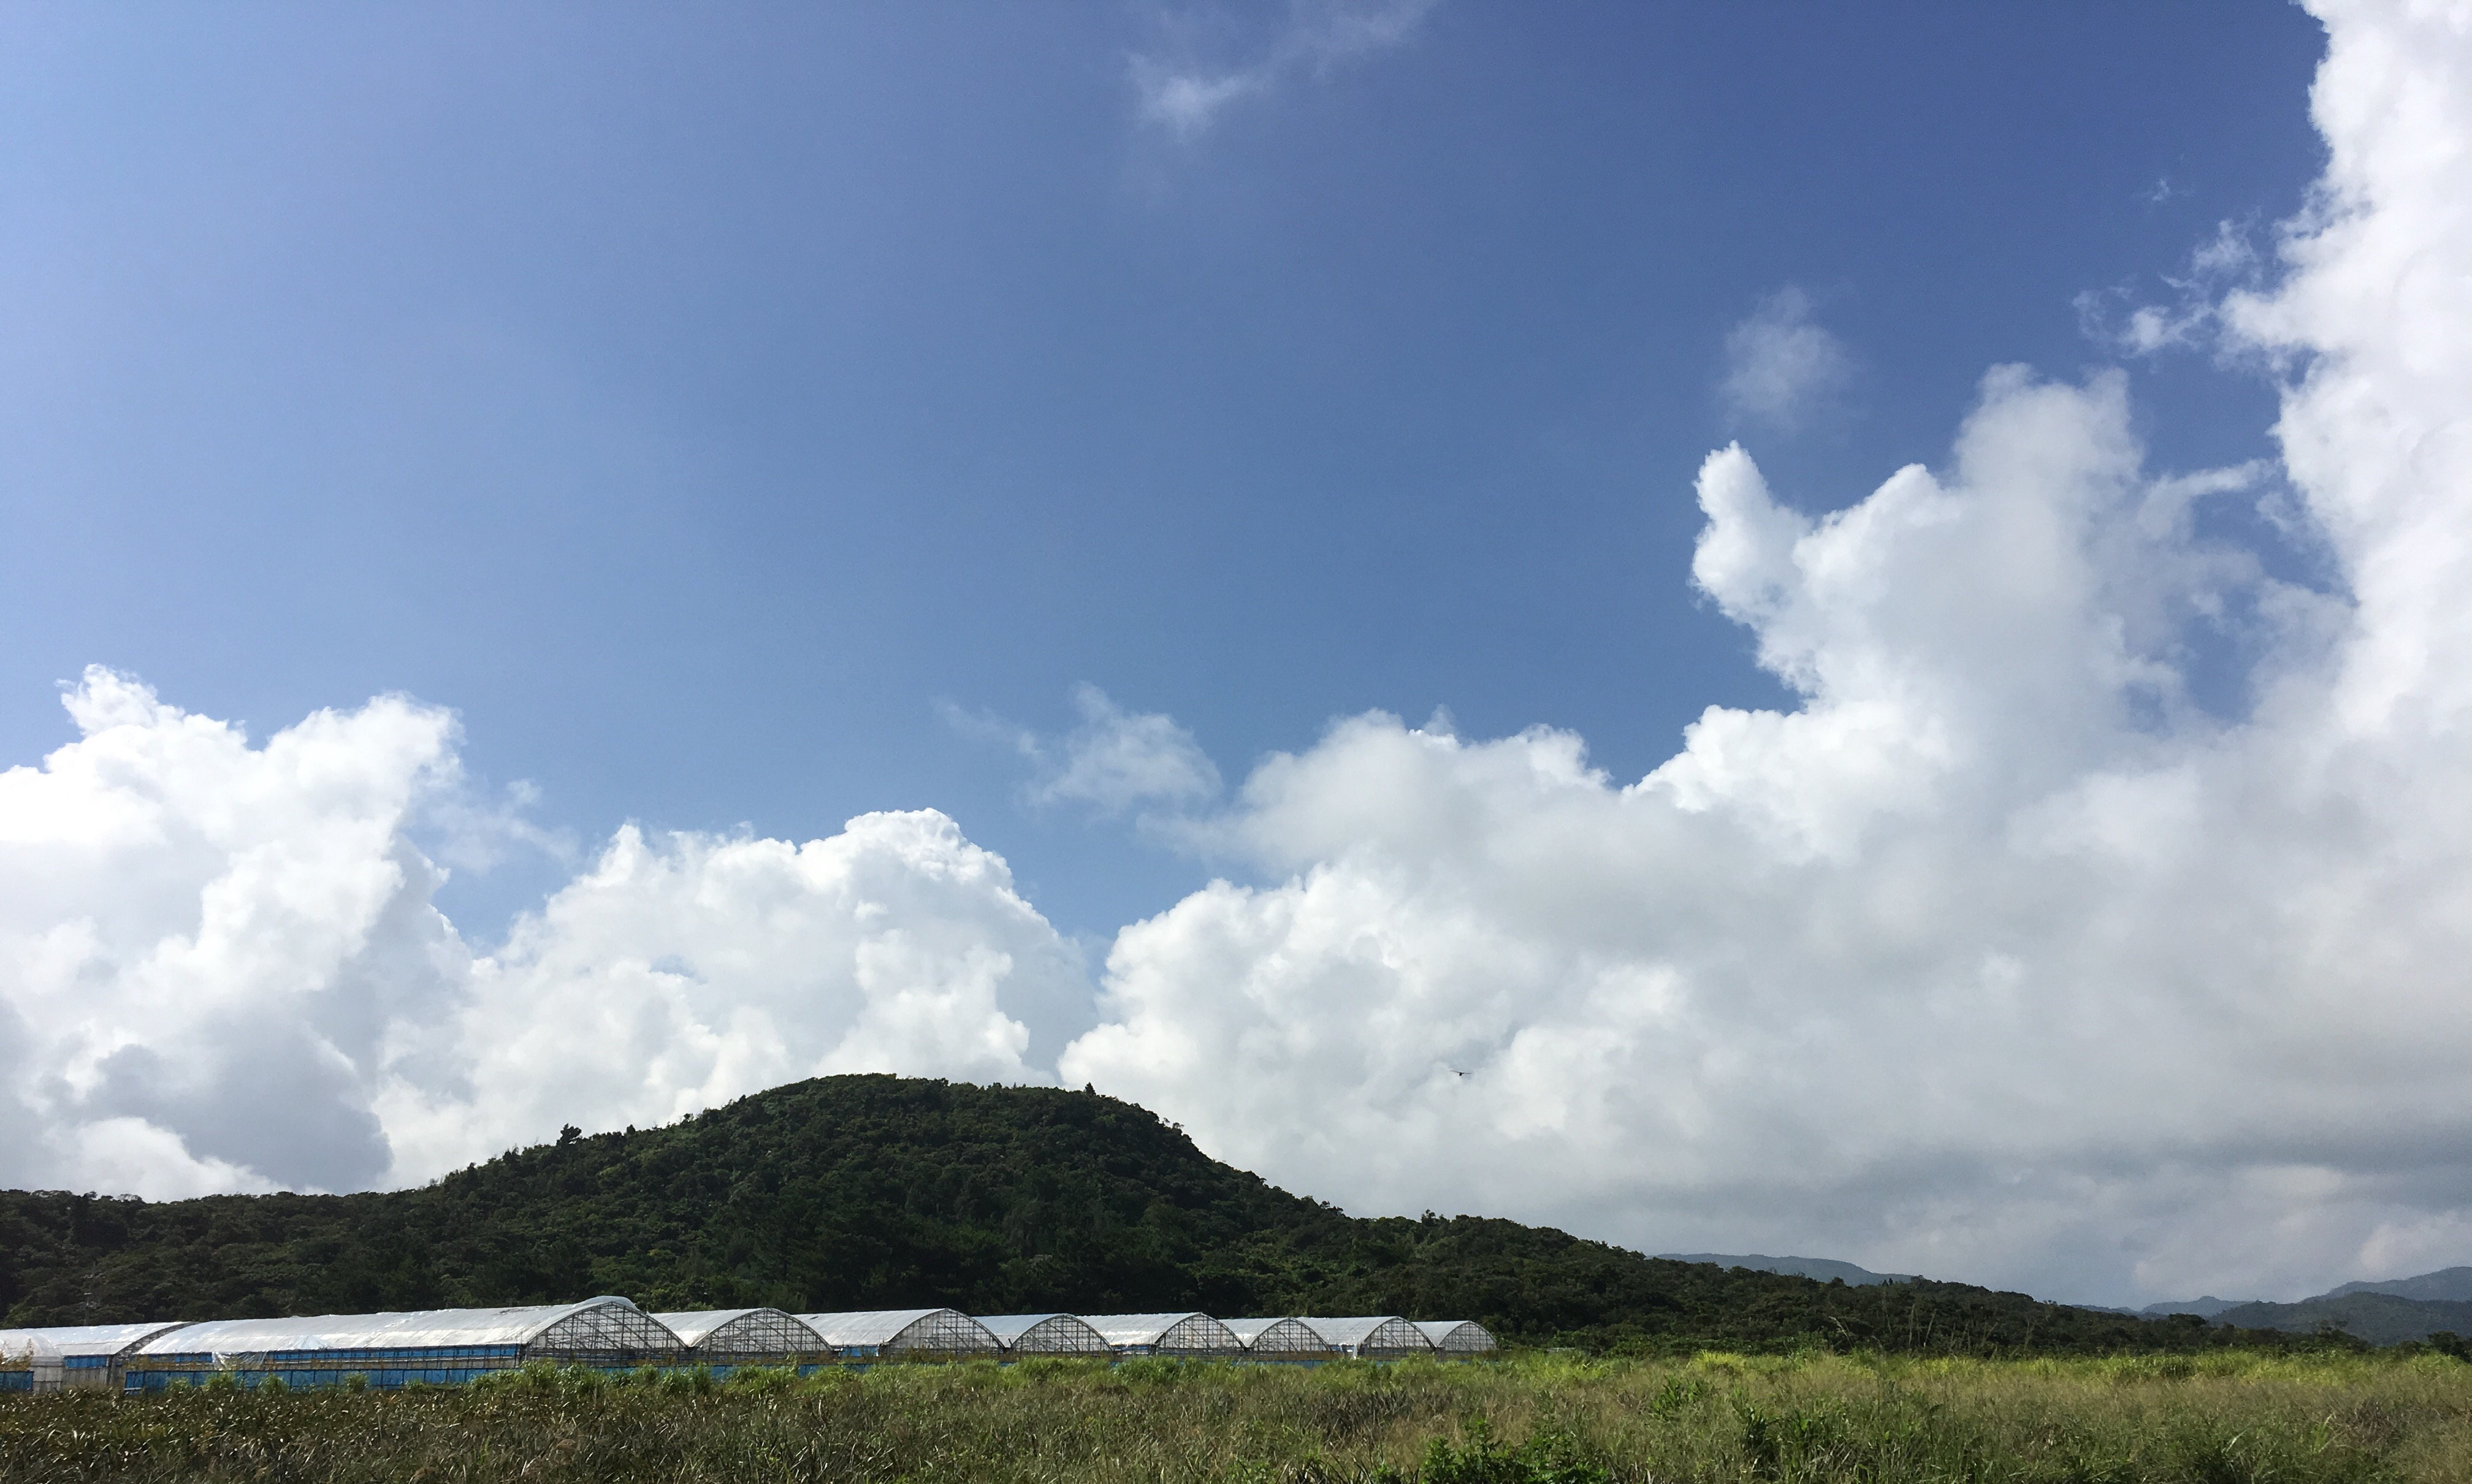 おはようございます。西表島のマンゴーハウスの一角でジャムを作っています。どうぞよろしくお願いします。